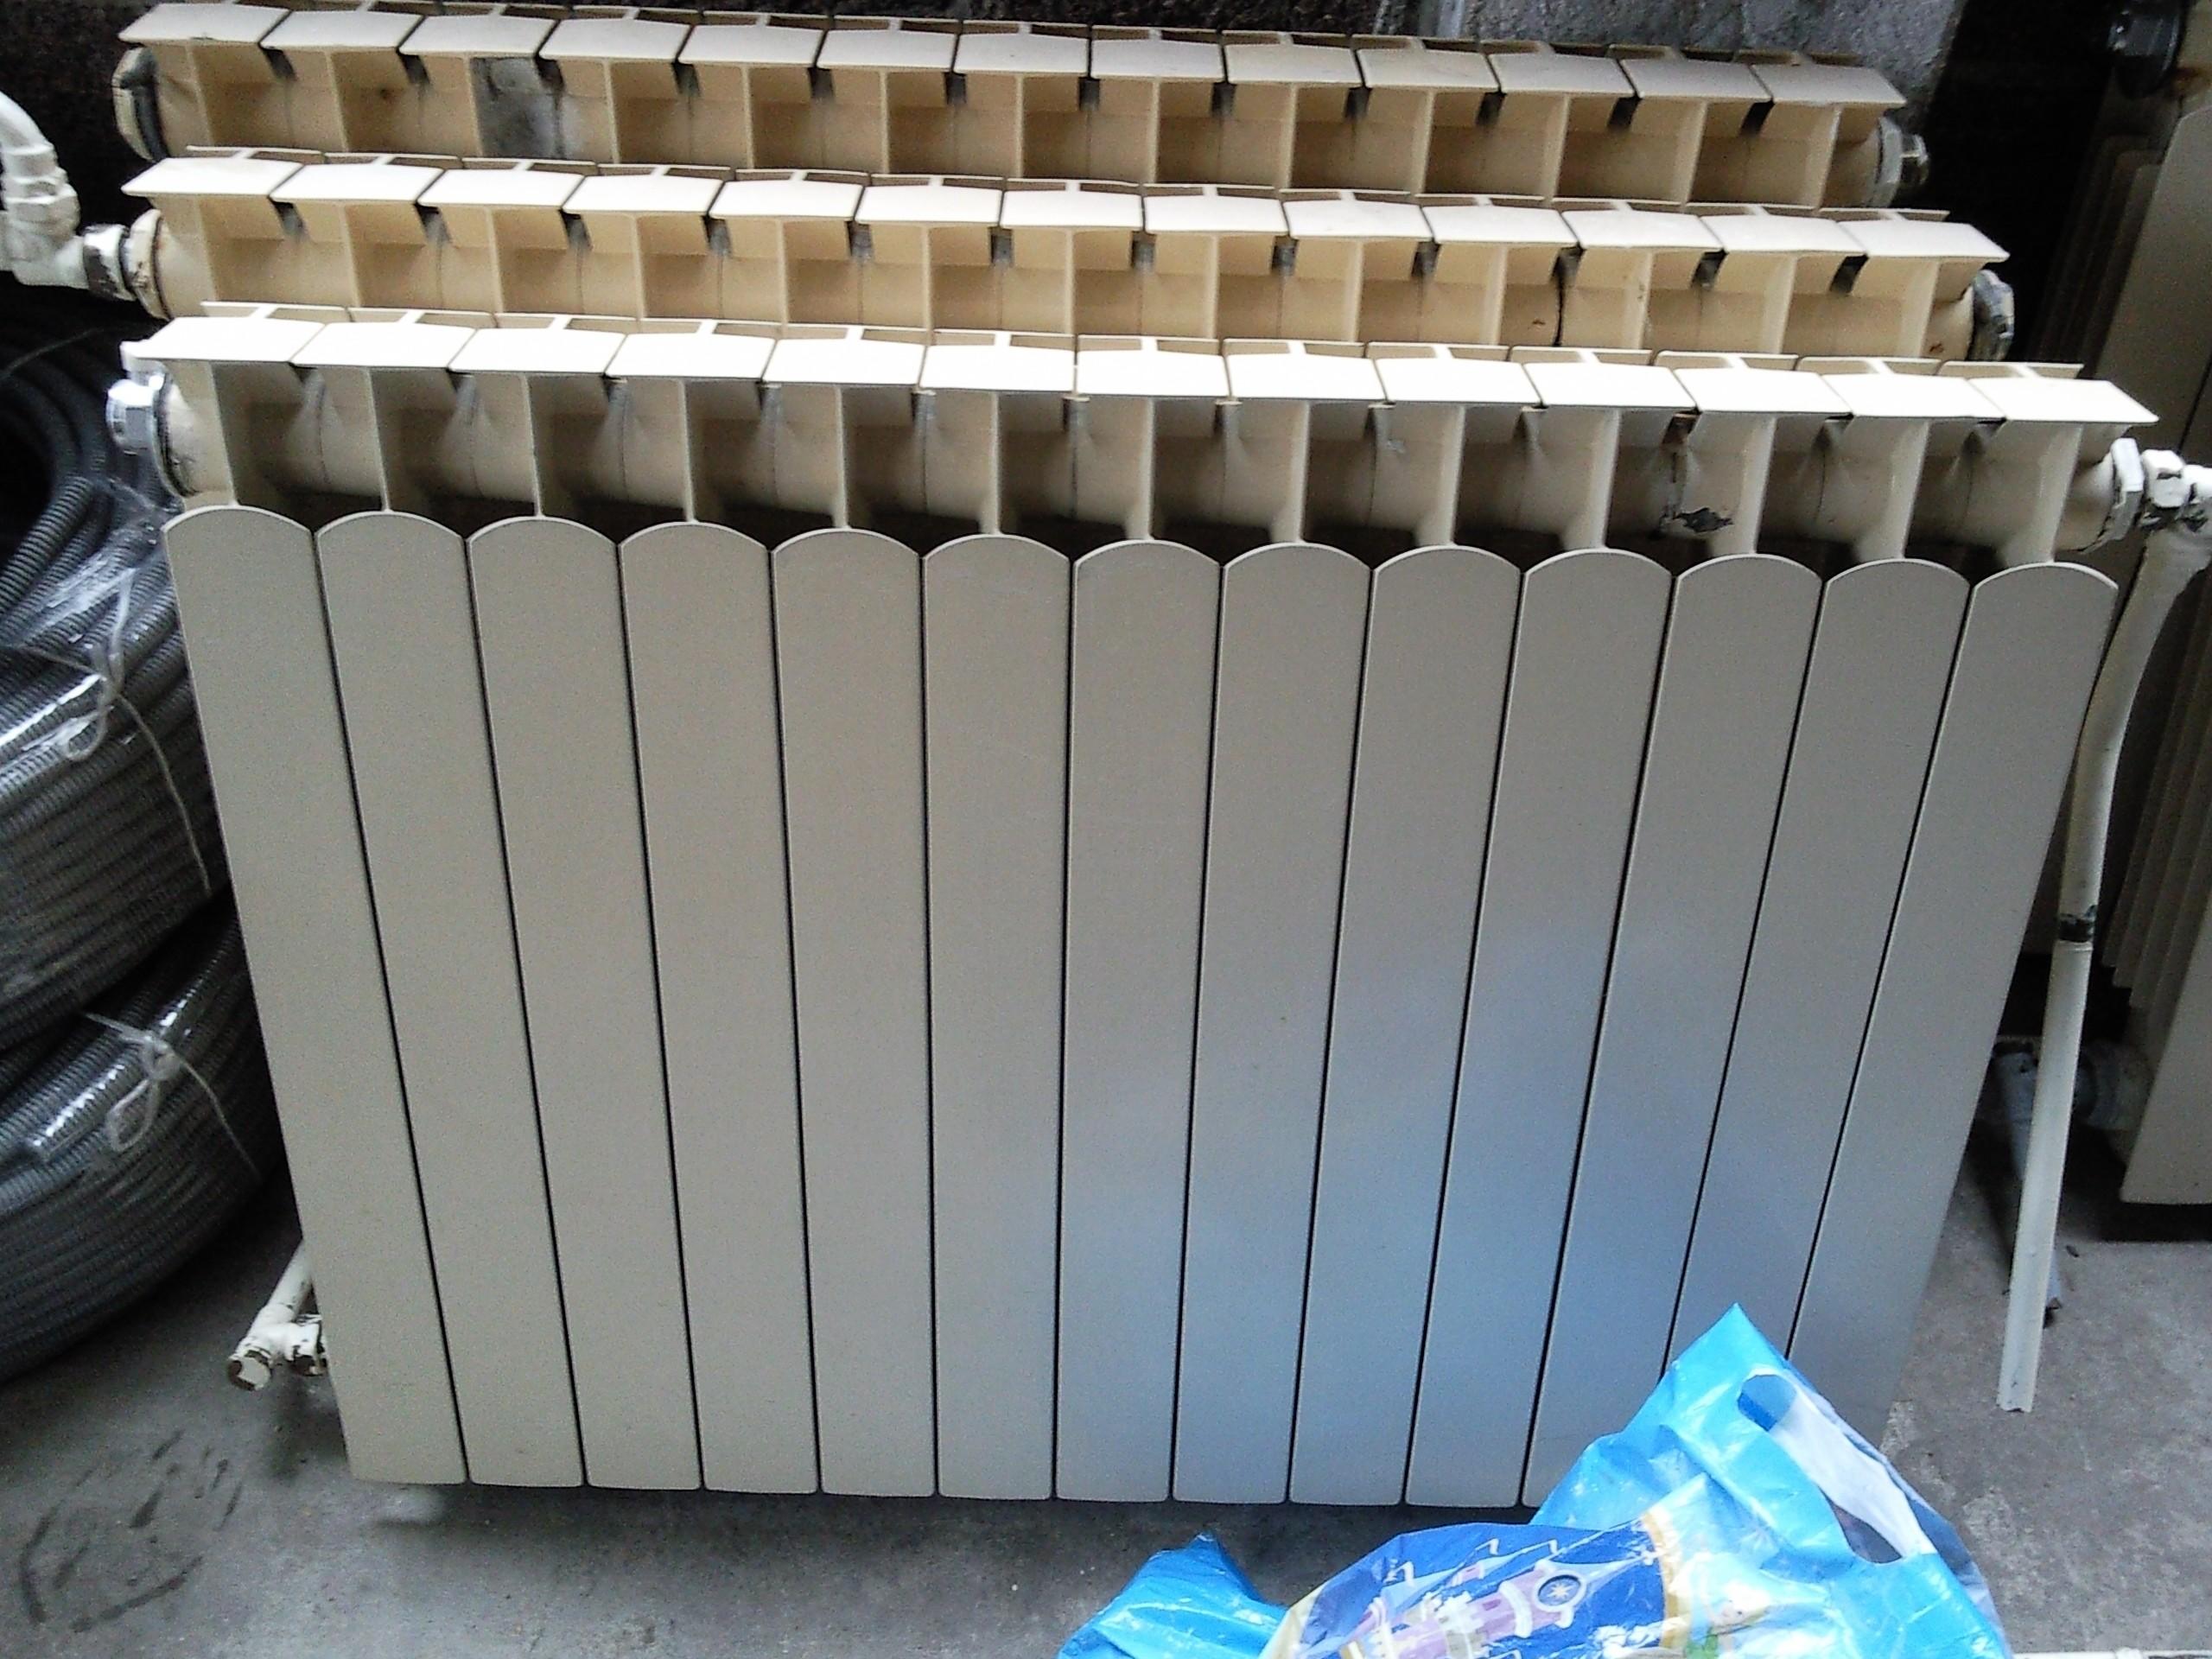 comment connaitre la puissance d un radiateur en fonte. Black Bedroom Furniture Sets. Home Design Ideas